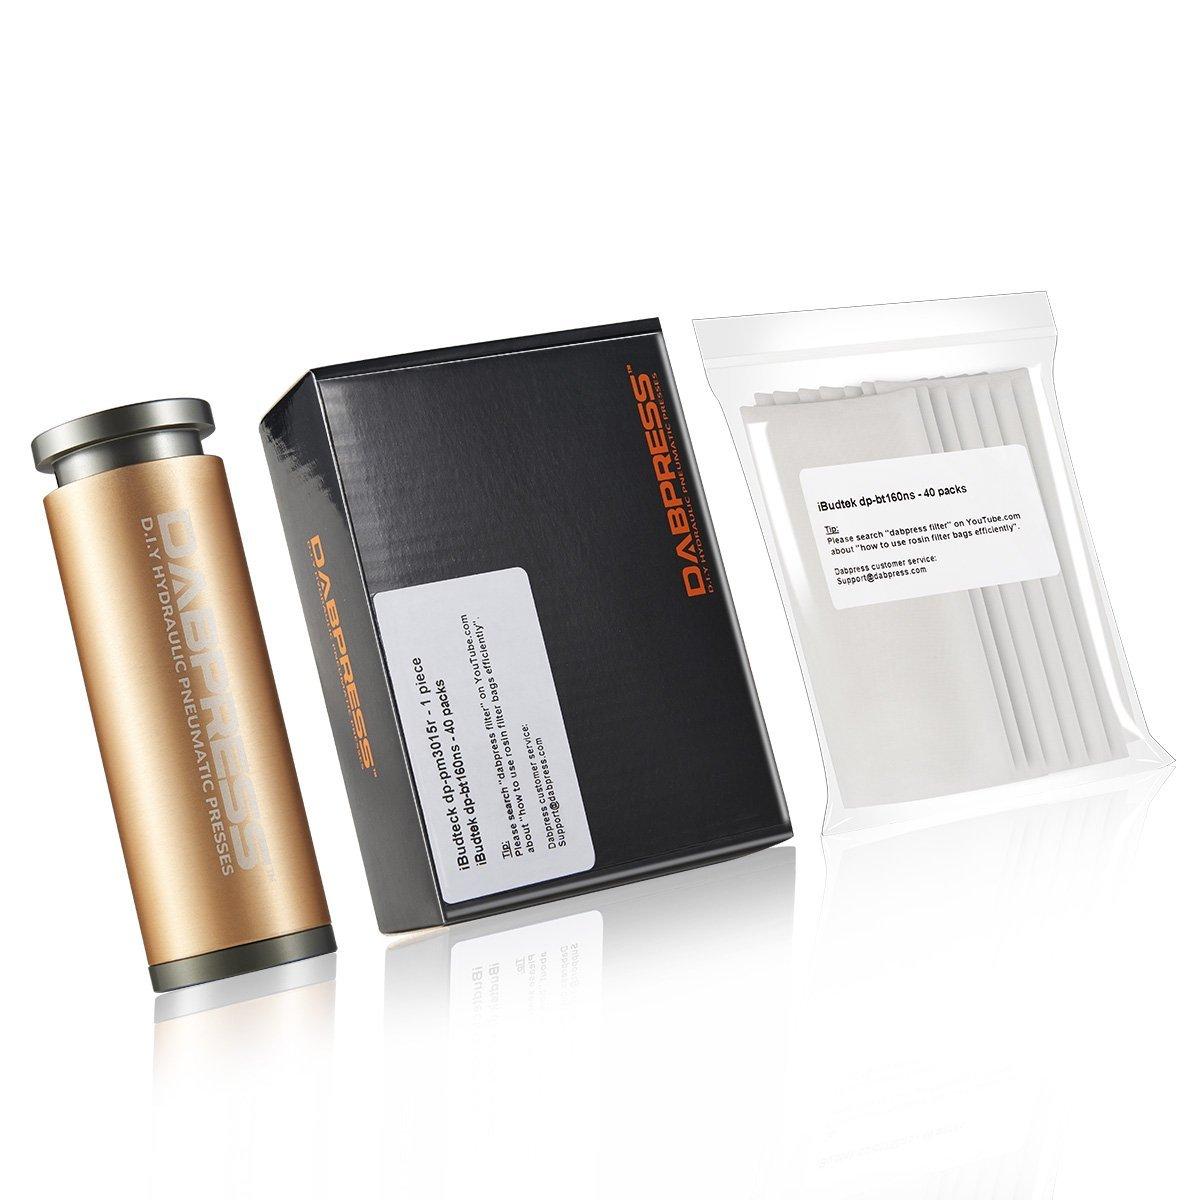 Rosin Filter Bag by OldPAPA Rosin Press Bags 50 Pack 25 Micron Rosin Bags Reusable Nylon Screen Press Bag- 2x 4